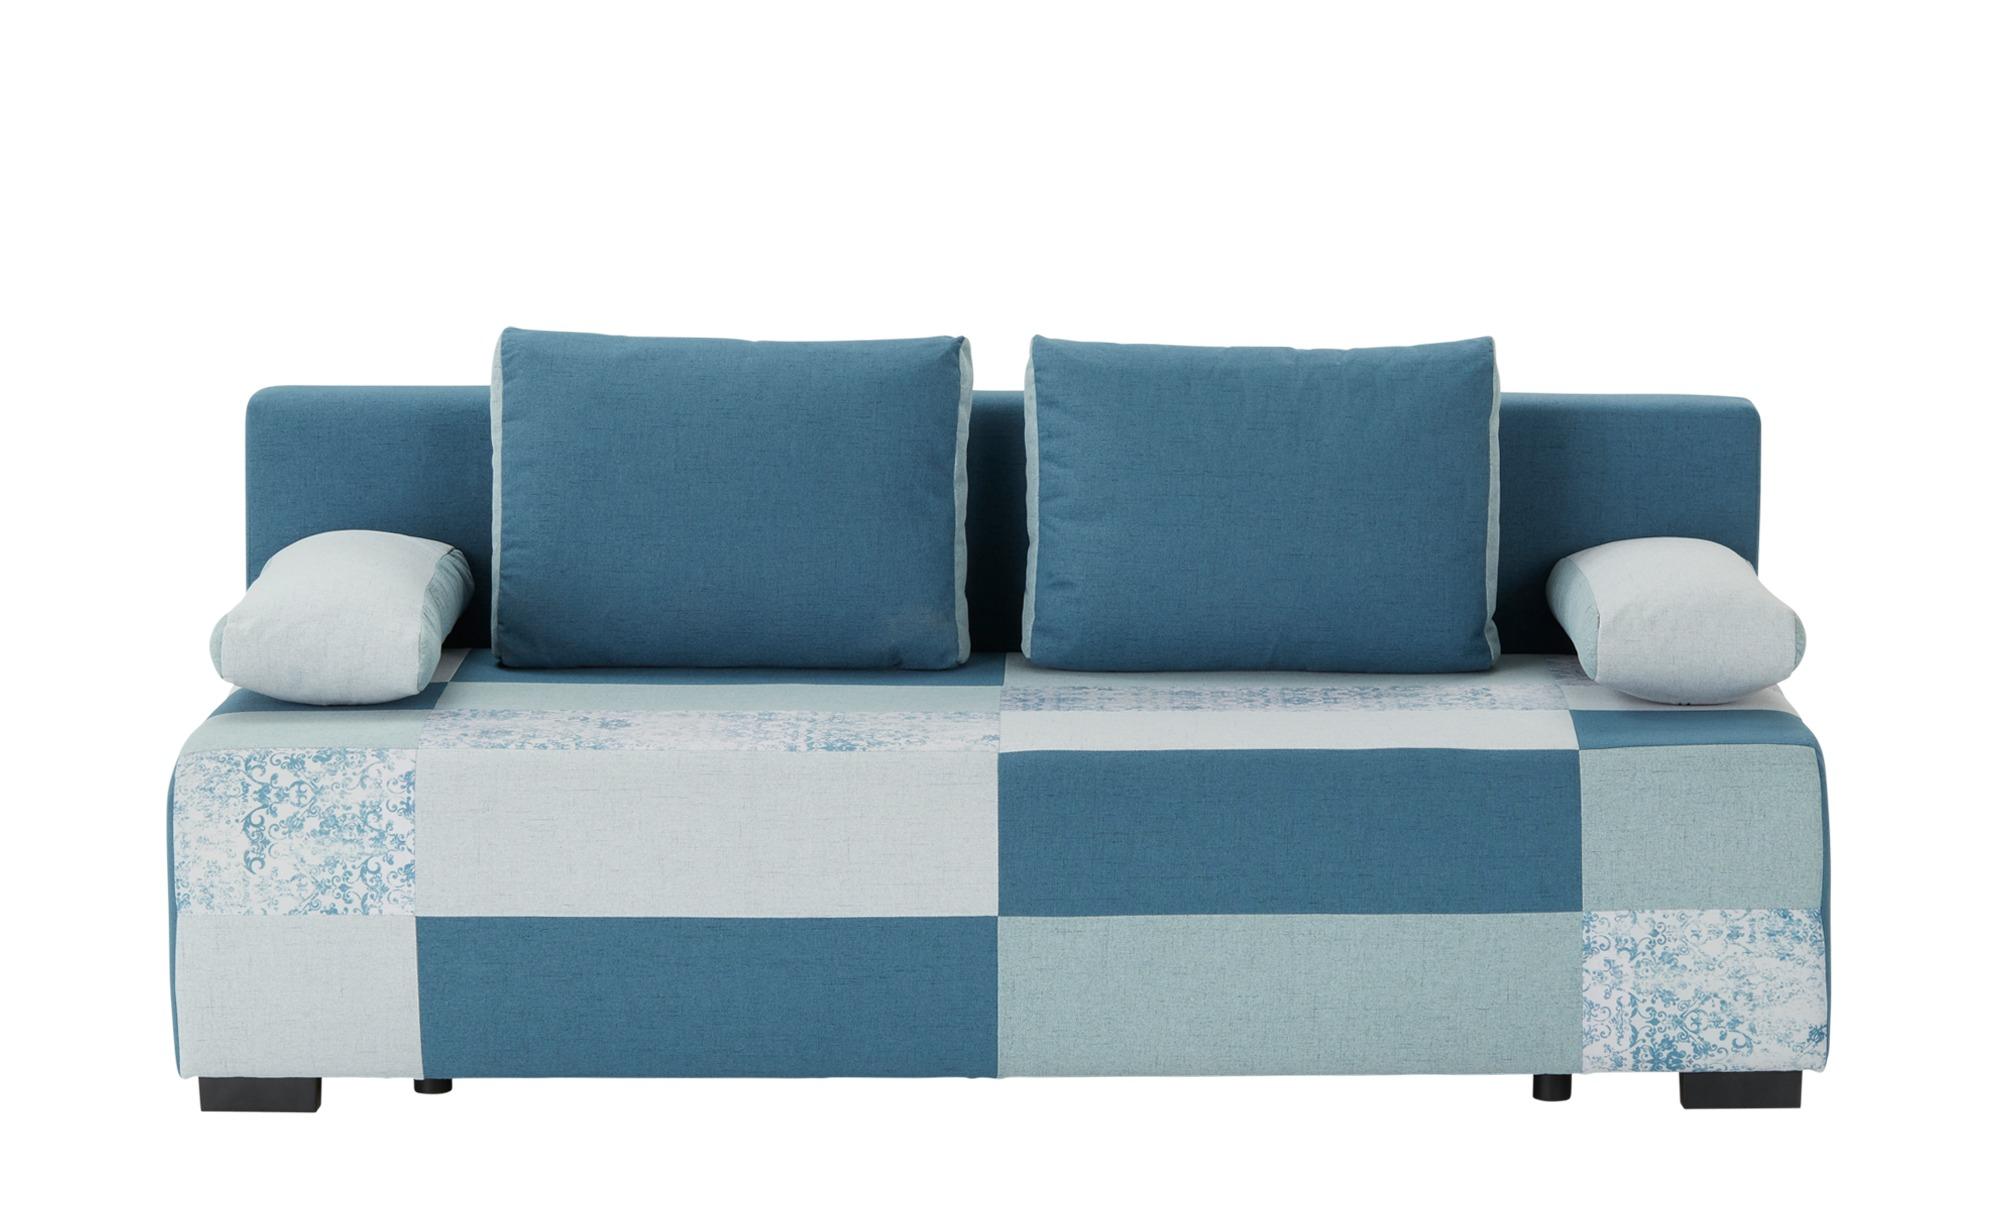 Schlafsofa  Jam ¦ blau ¦ Maße (cm): B: 204 H: 90 T: 92 Polstermöbel > Sofas > Einzelsofas - Höffner